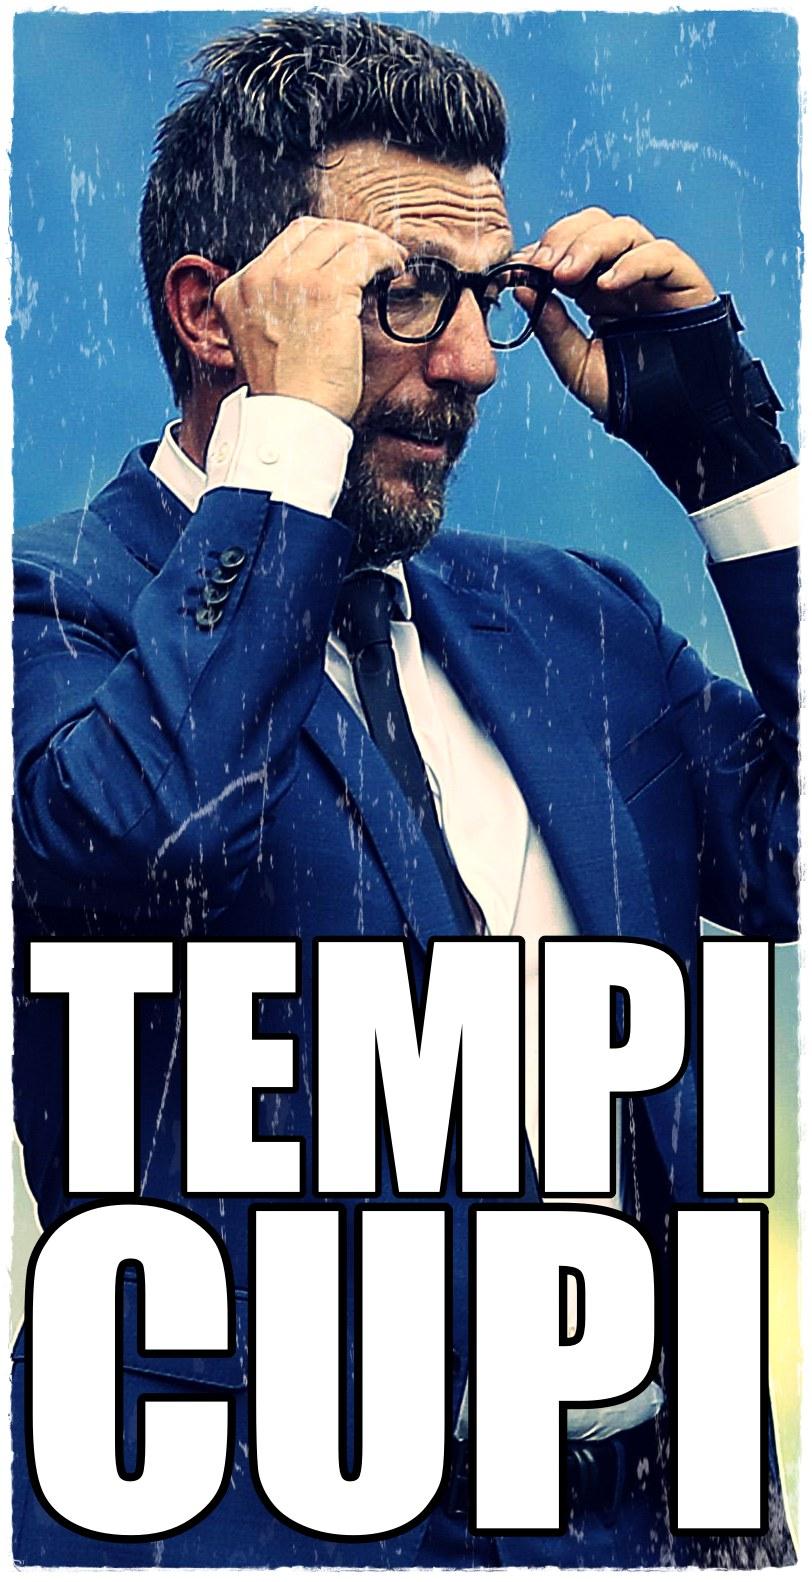 Soccer: Serie A; Roma vs Chievo